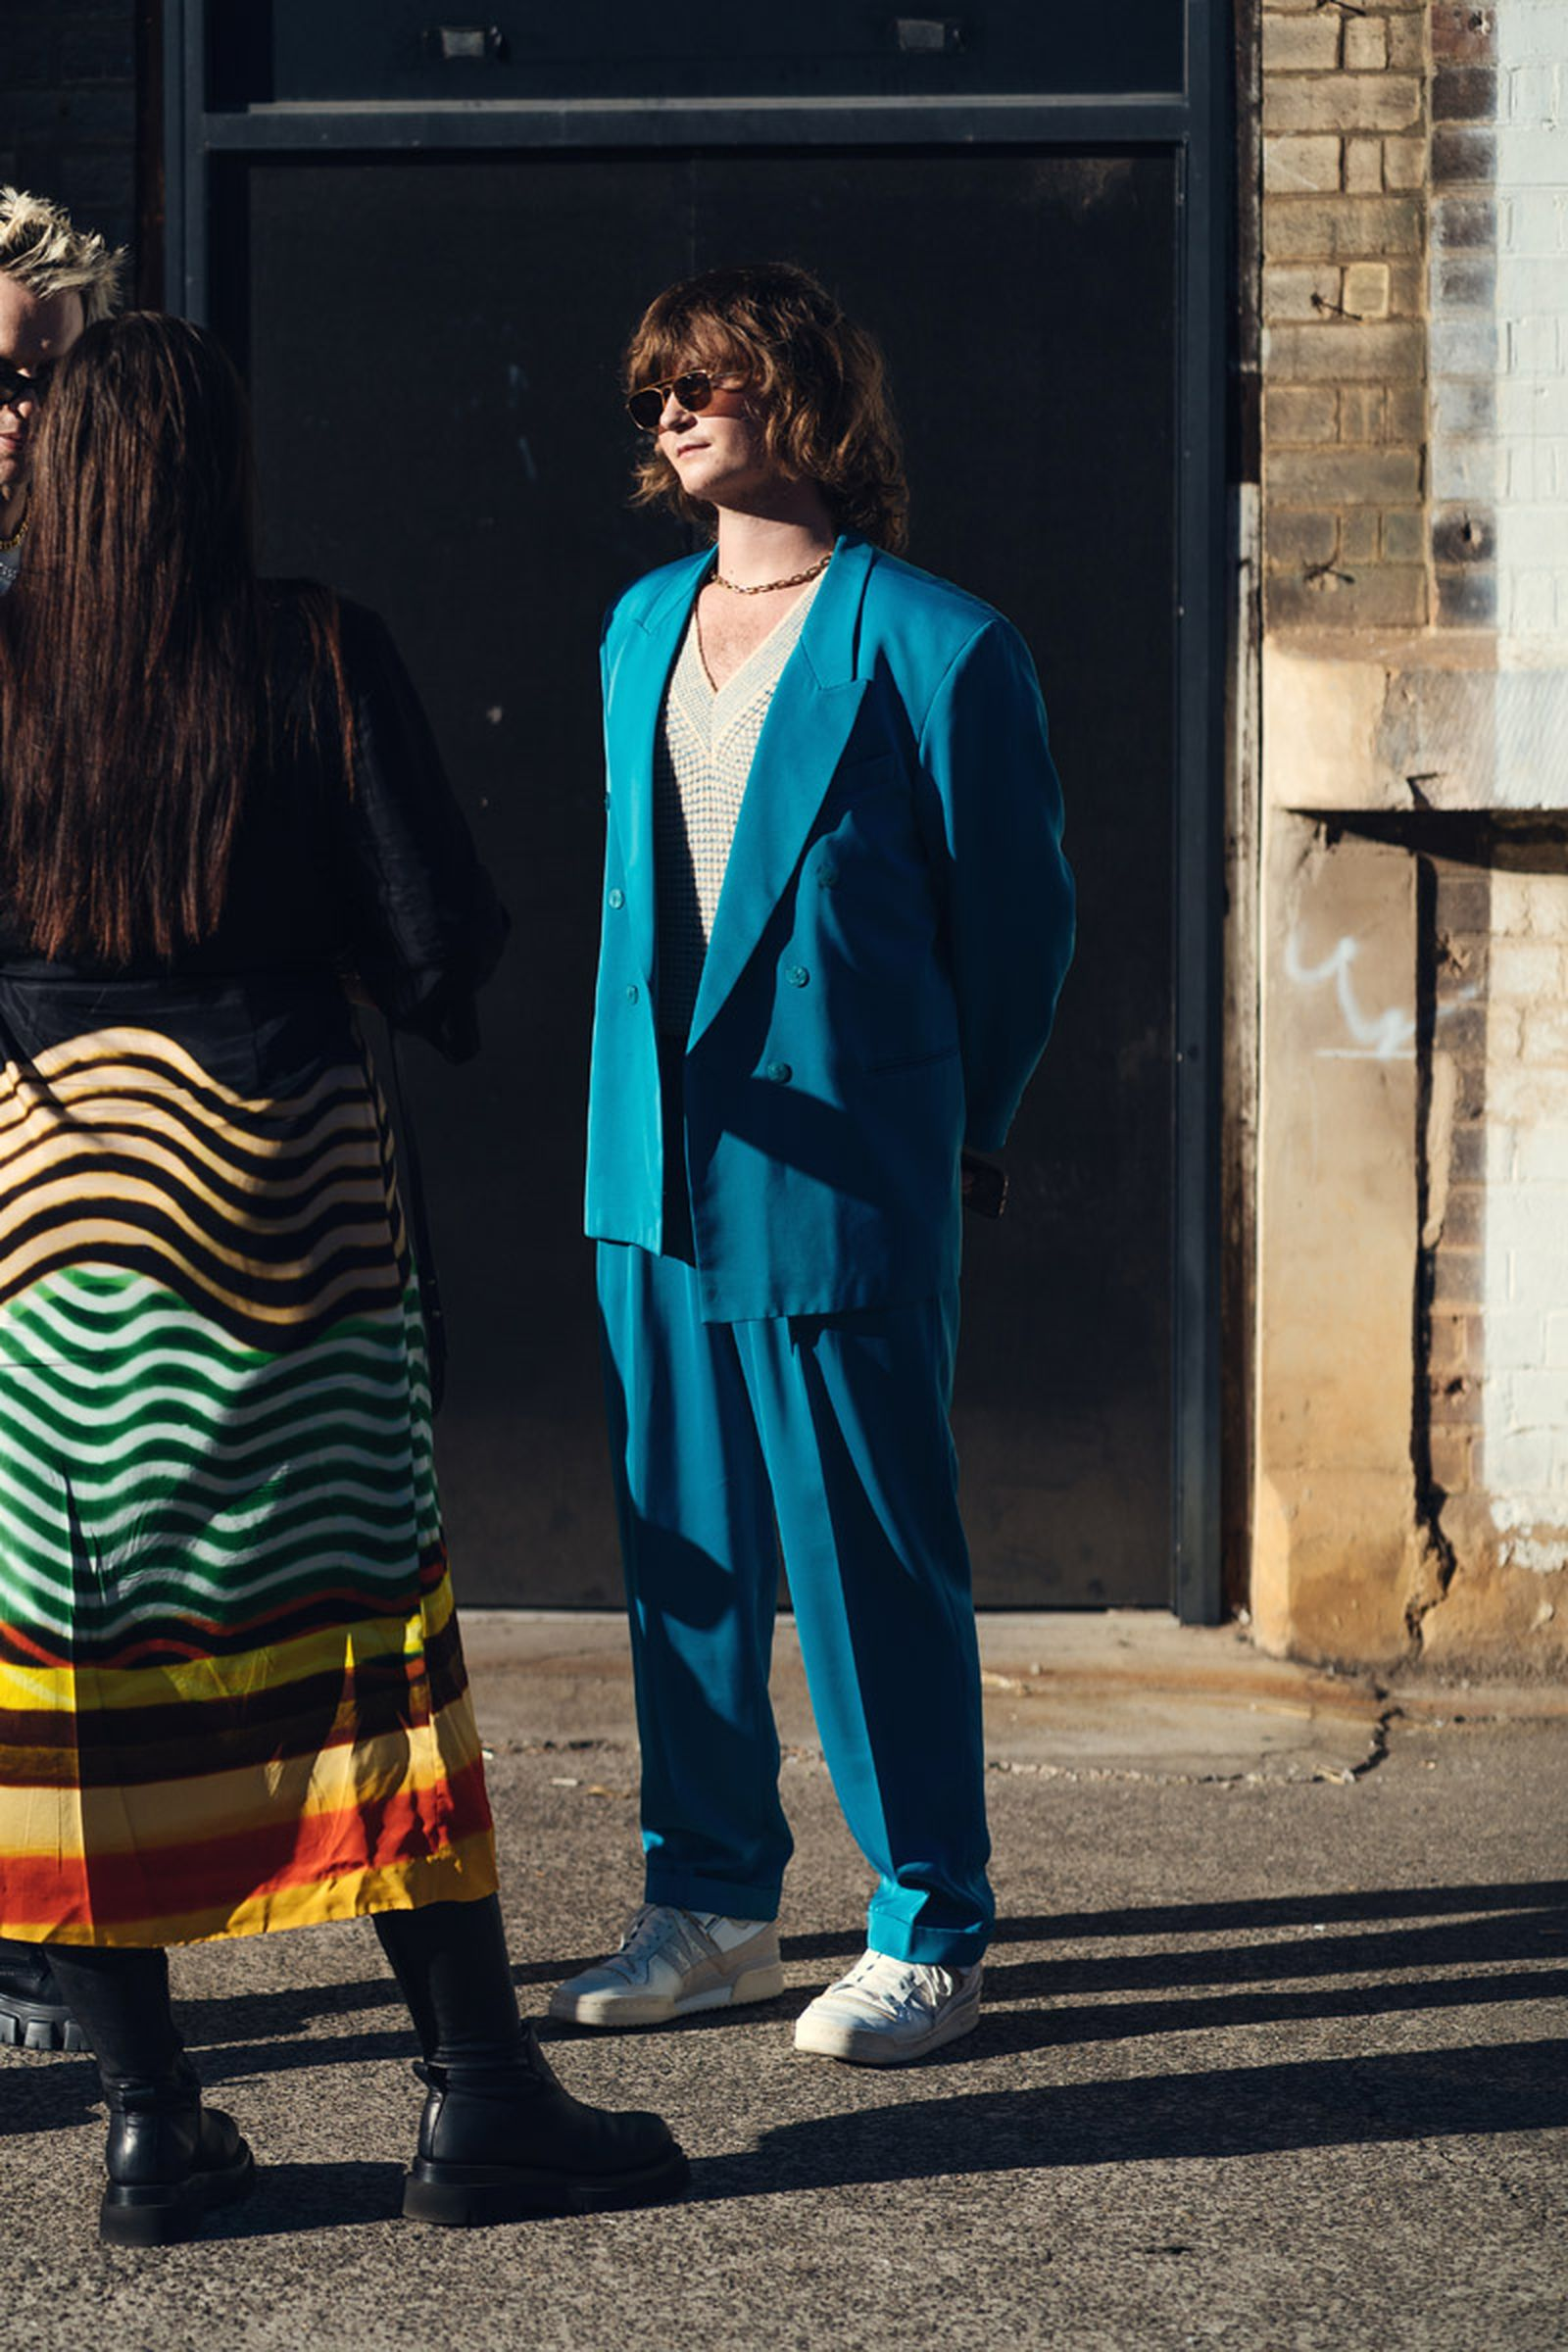 australian-fashion-week-2021-street-style-02